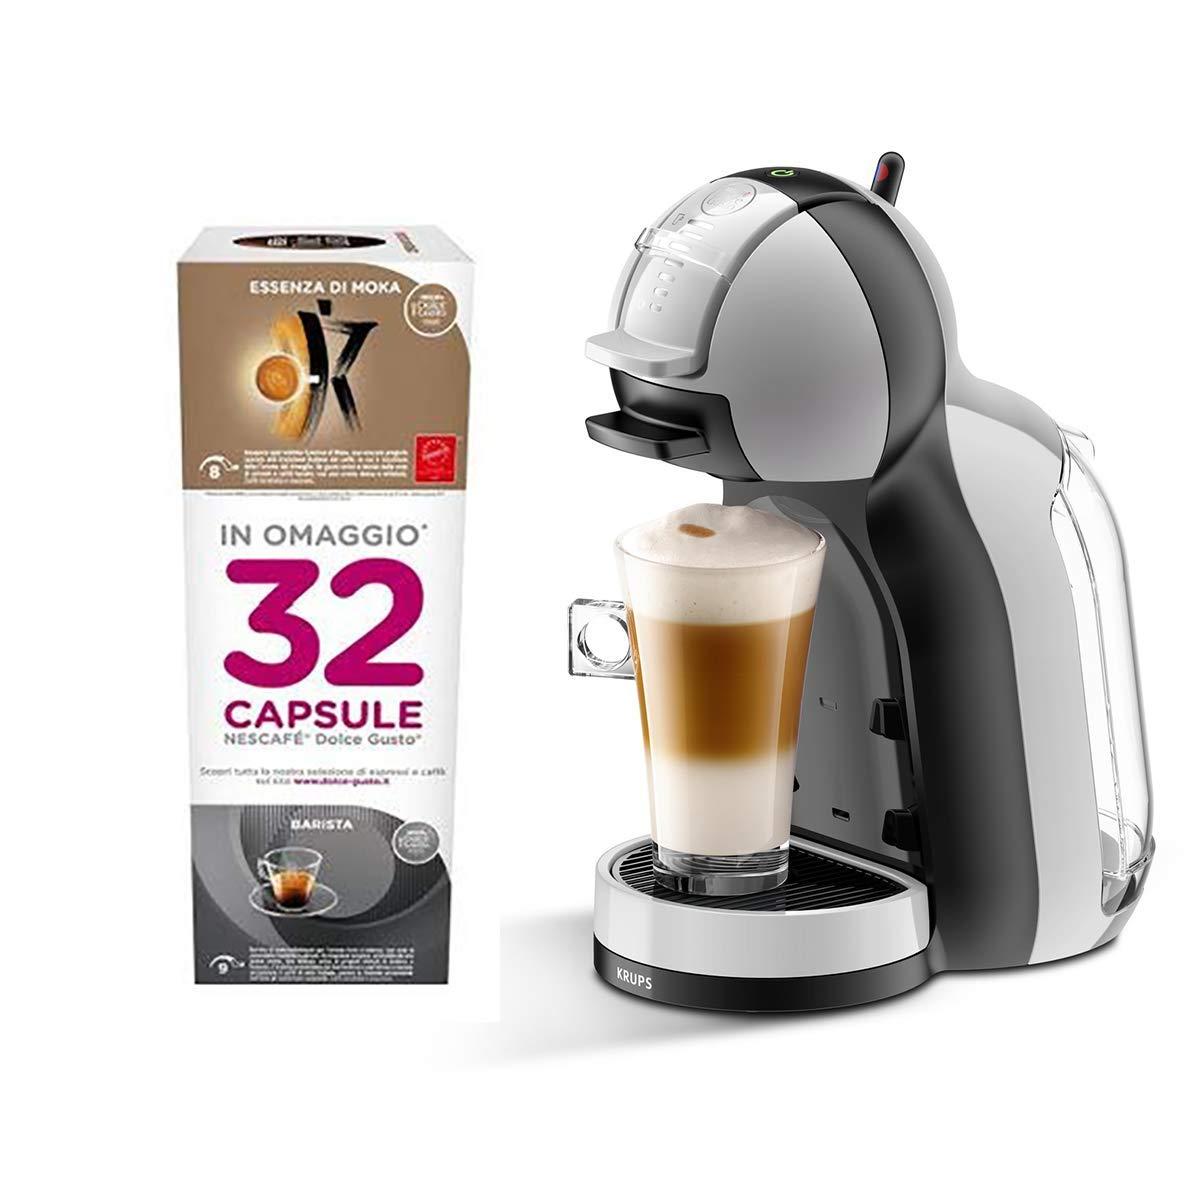 Cafetera expreso Mini Me Nescafè Dolce Gusto con regalo 32 cápsulas surtidas: Amazon.es: Hogar